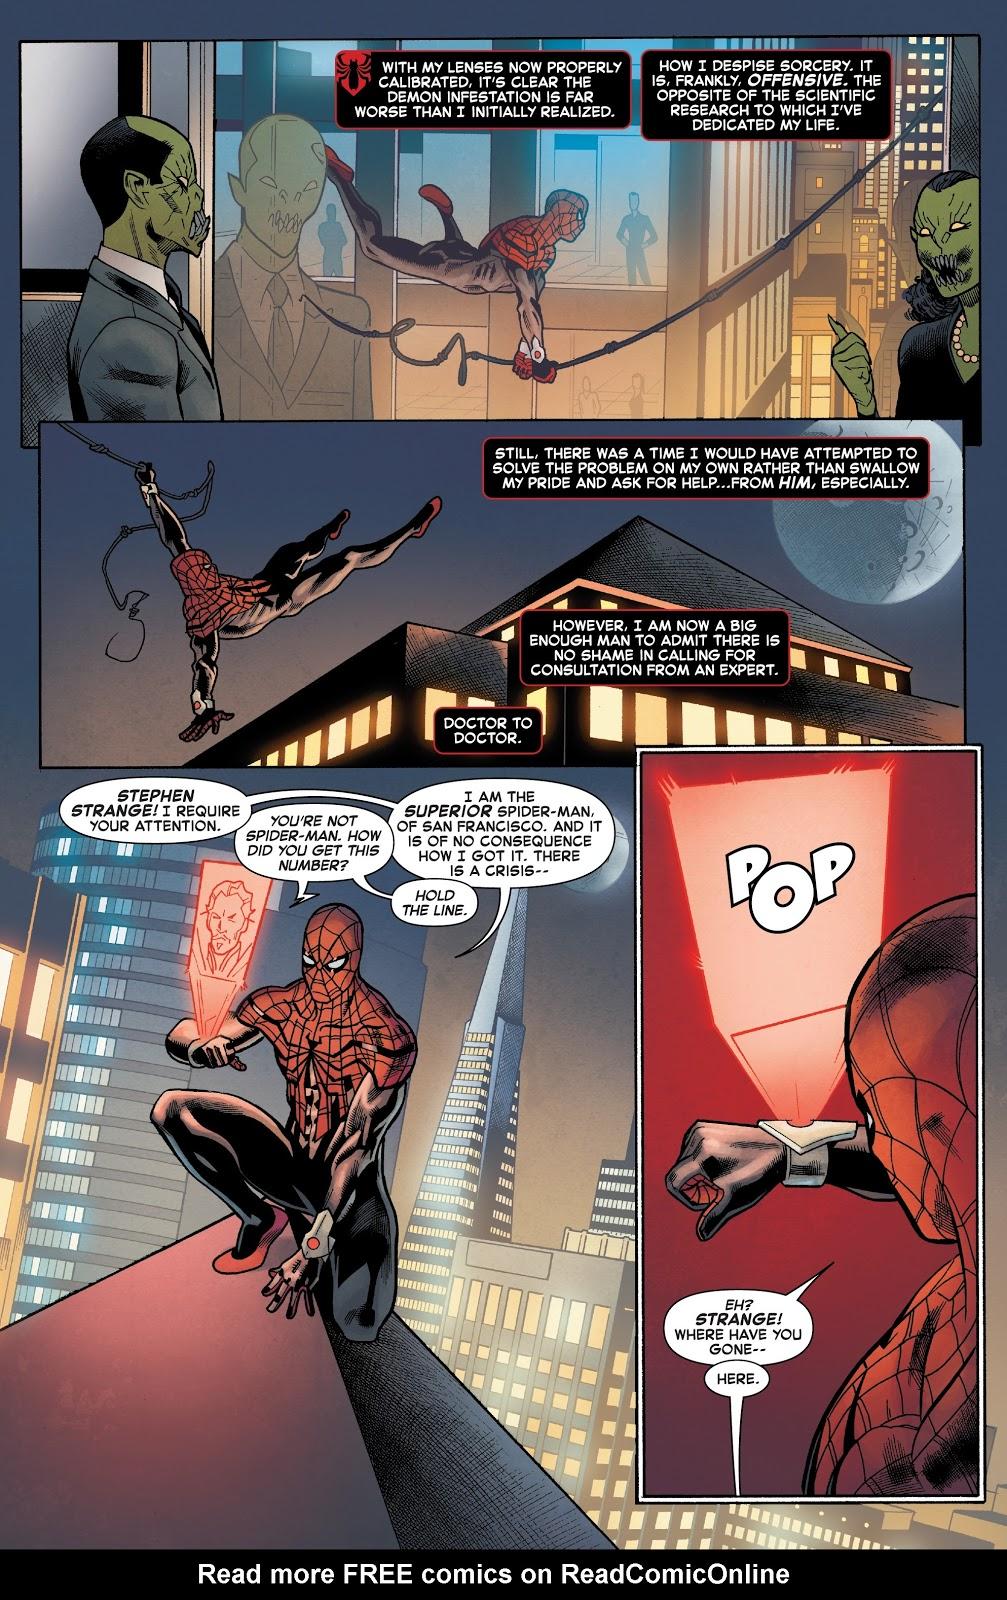 Doctor Strange Attacks Superior Spider-Man | Comicnewbies